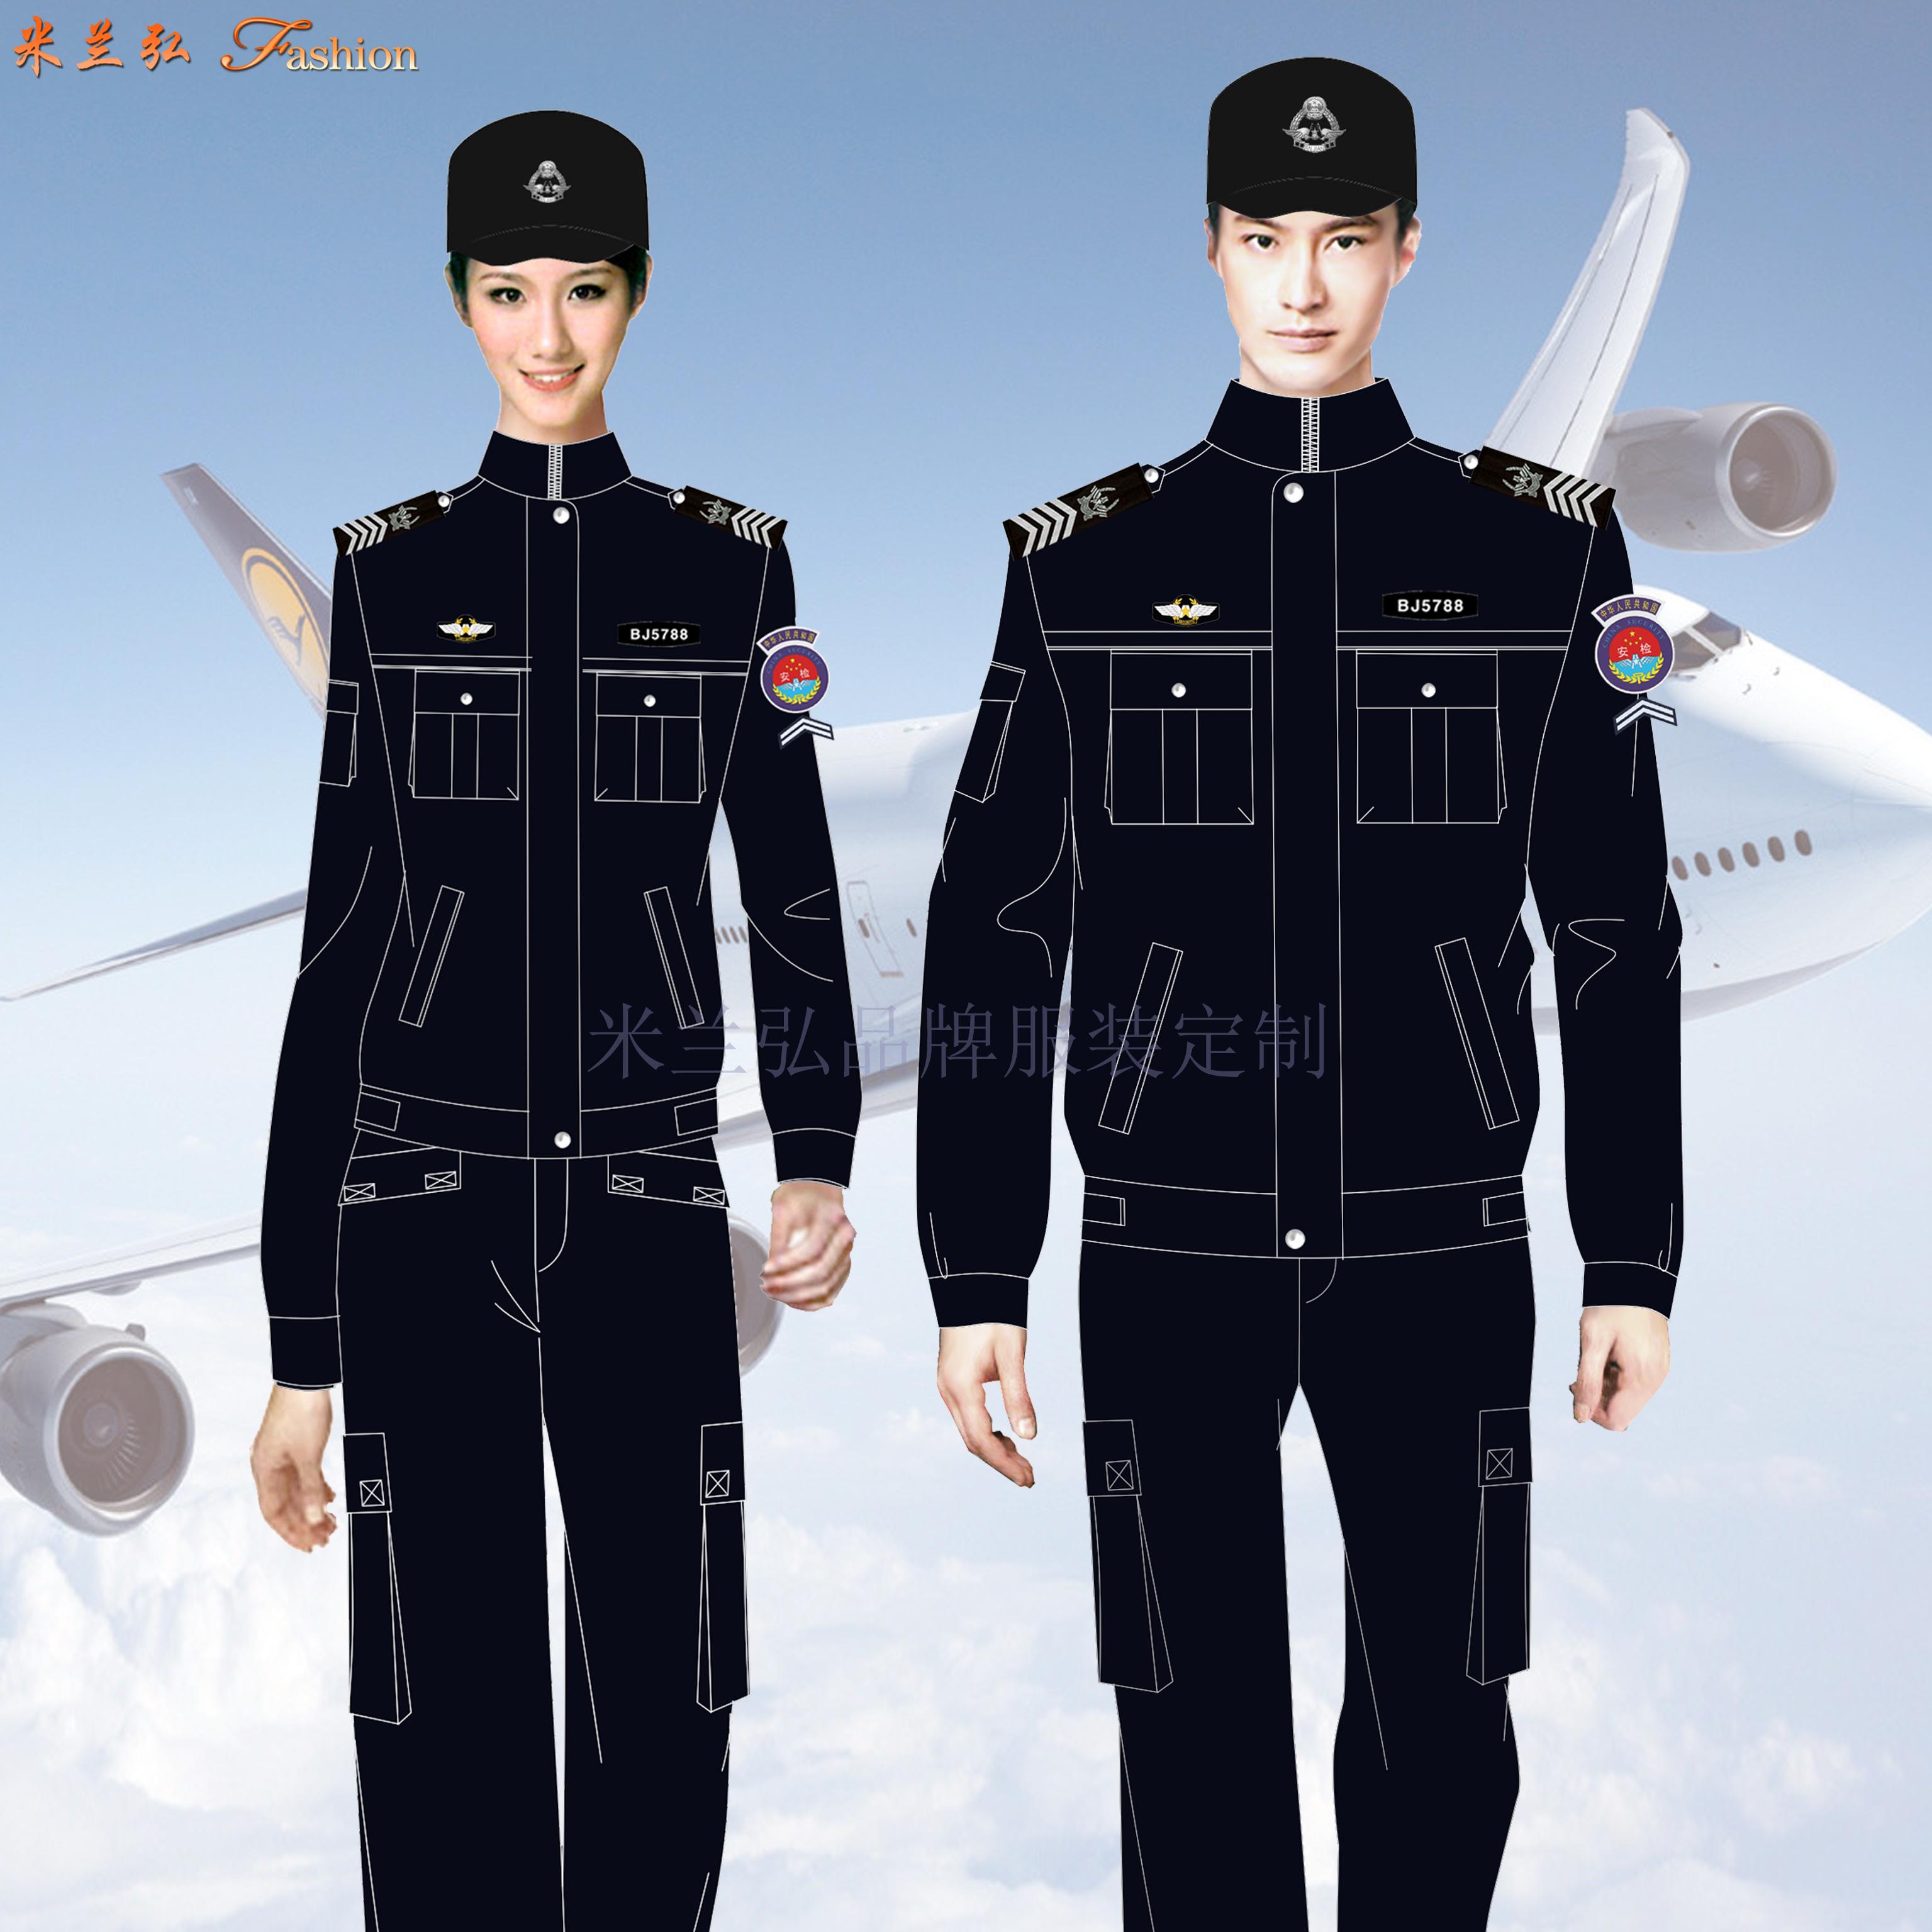 航空機場安檢服定做_高鐵站安檢服定制_汽車客運站安檢服訂做-2